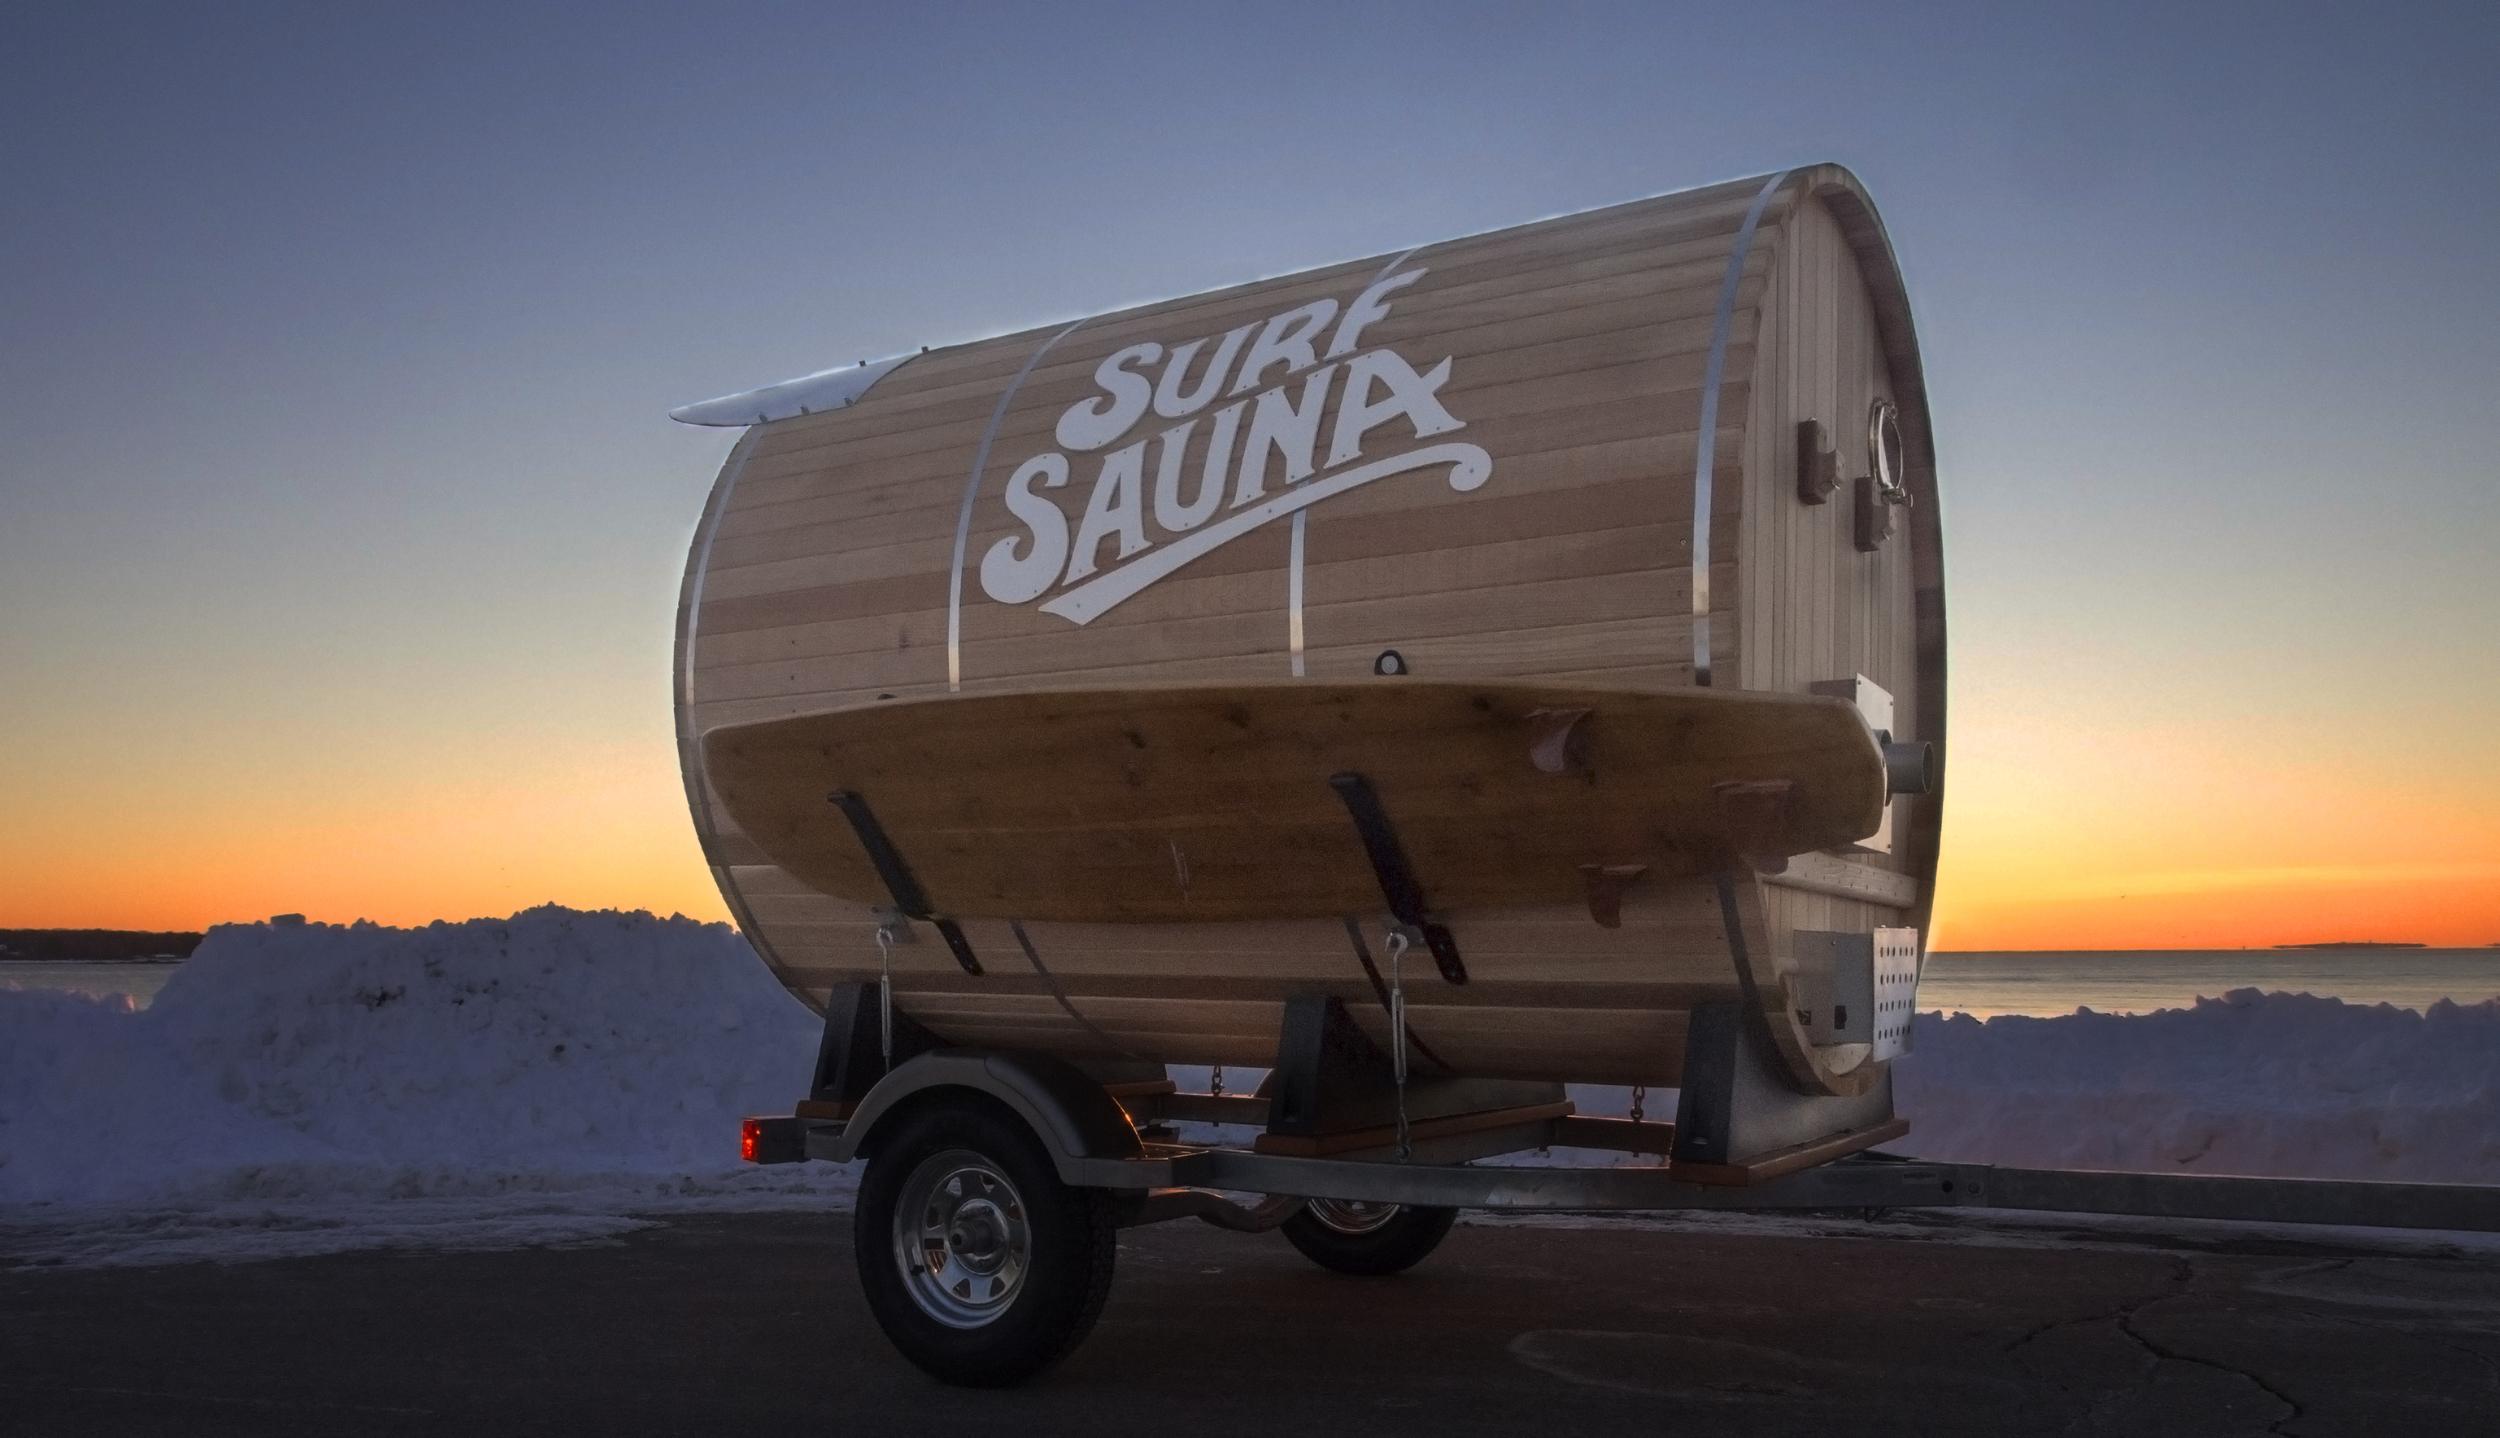 SurfSauna2.jpg